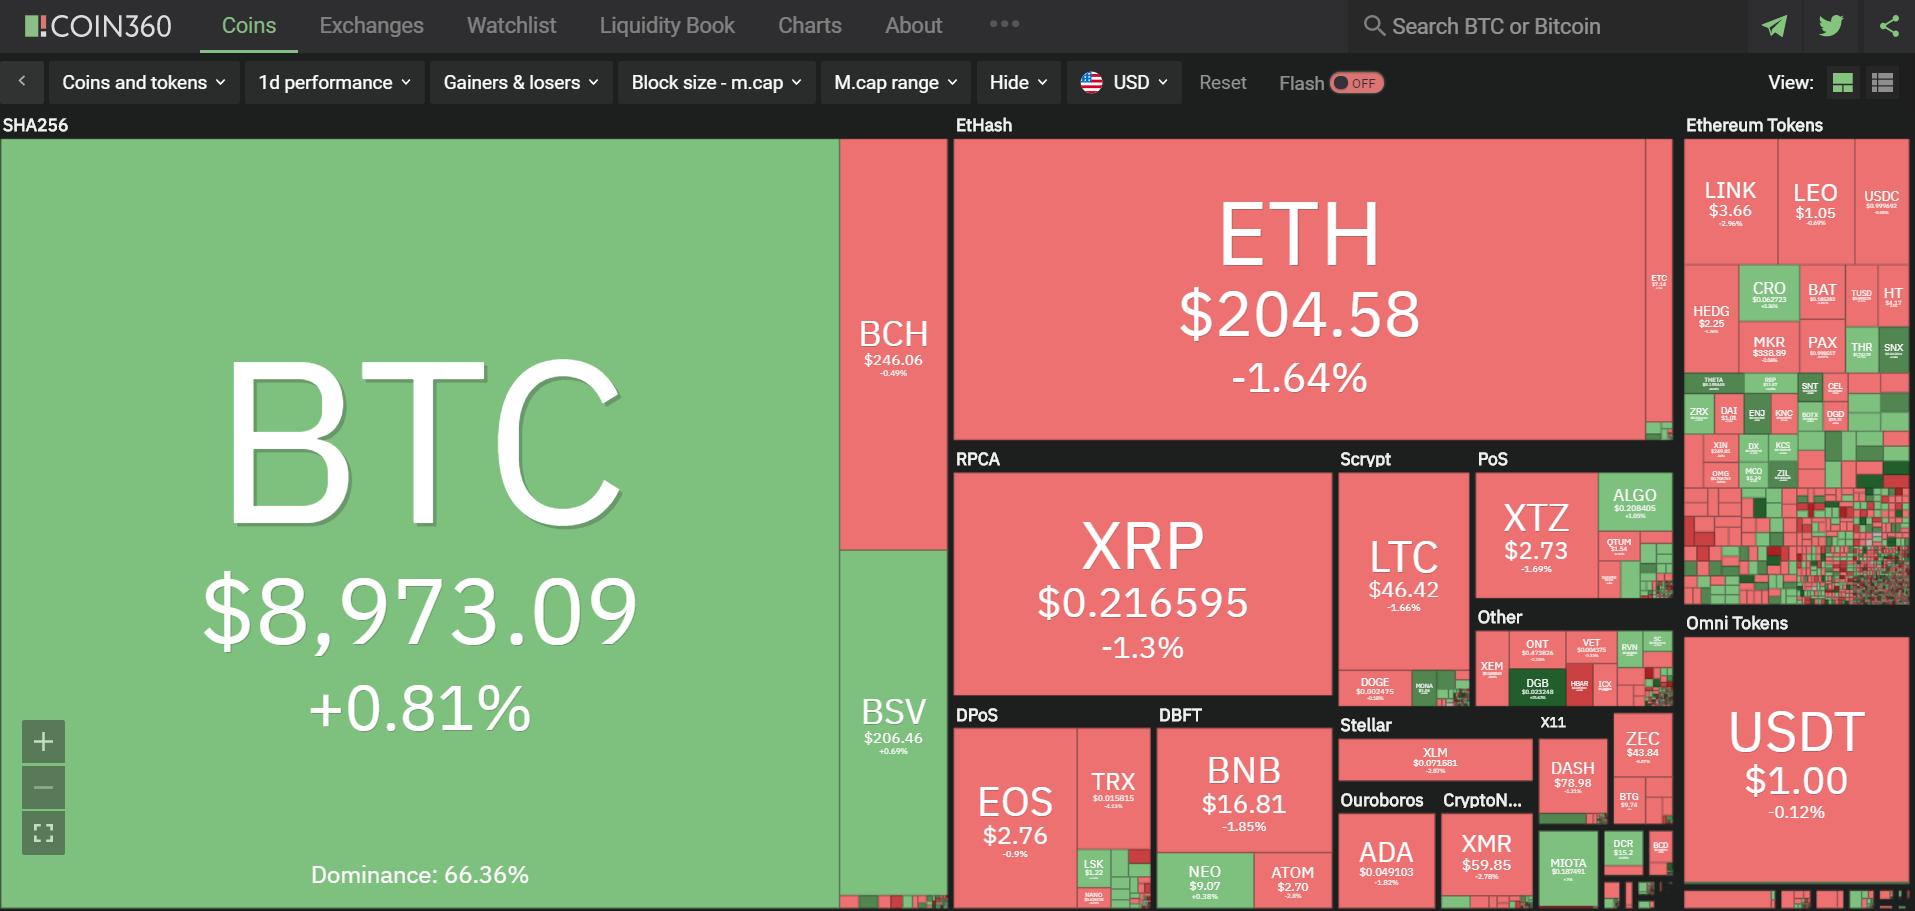 Toàn cảnh thị trường ngày 6/5 (nguồn: Coin360.com)